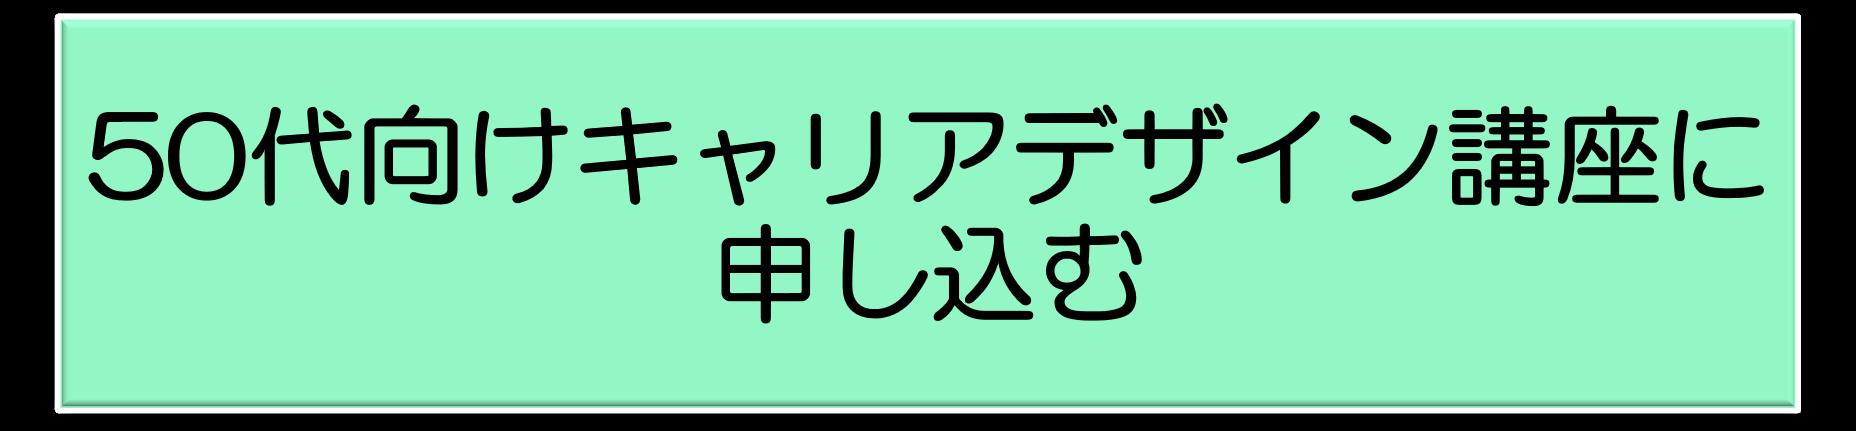 50代向けキャリアデザイン講座申込